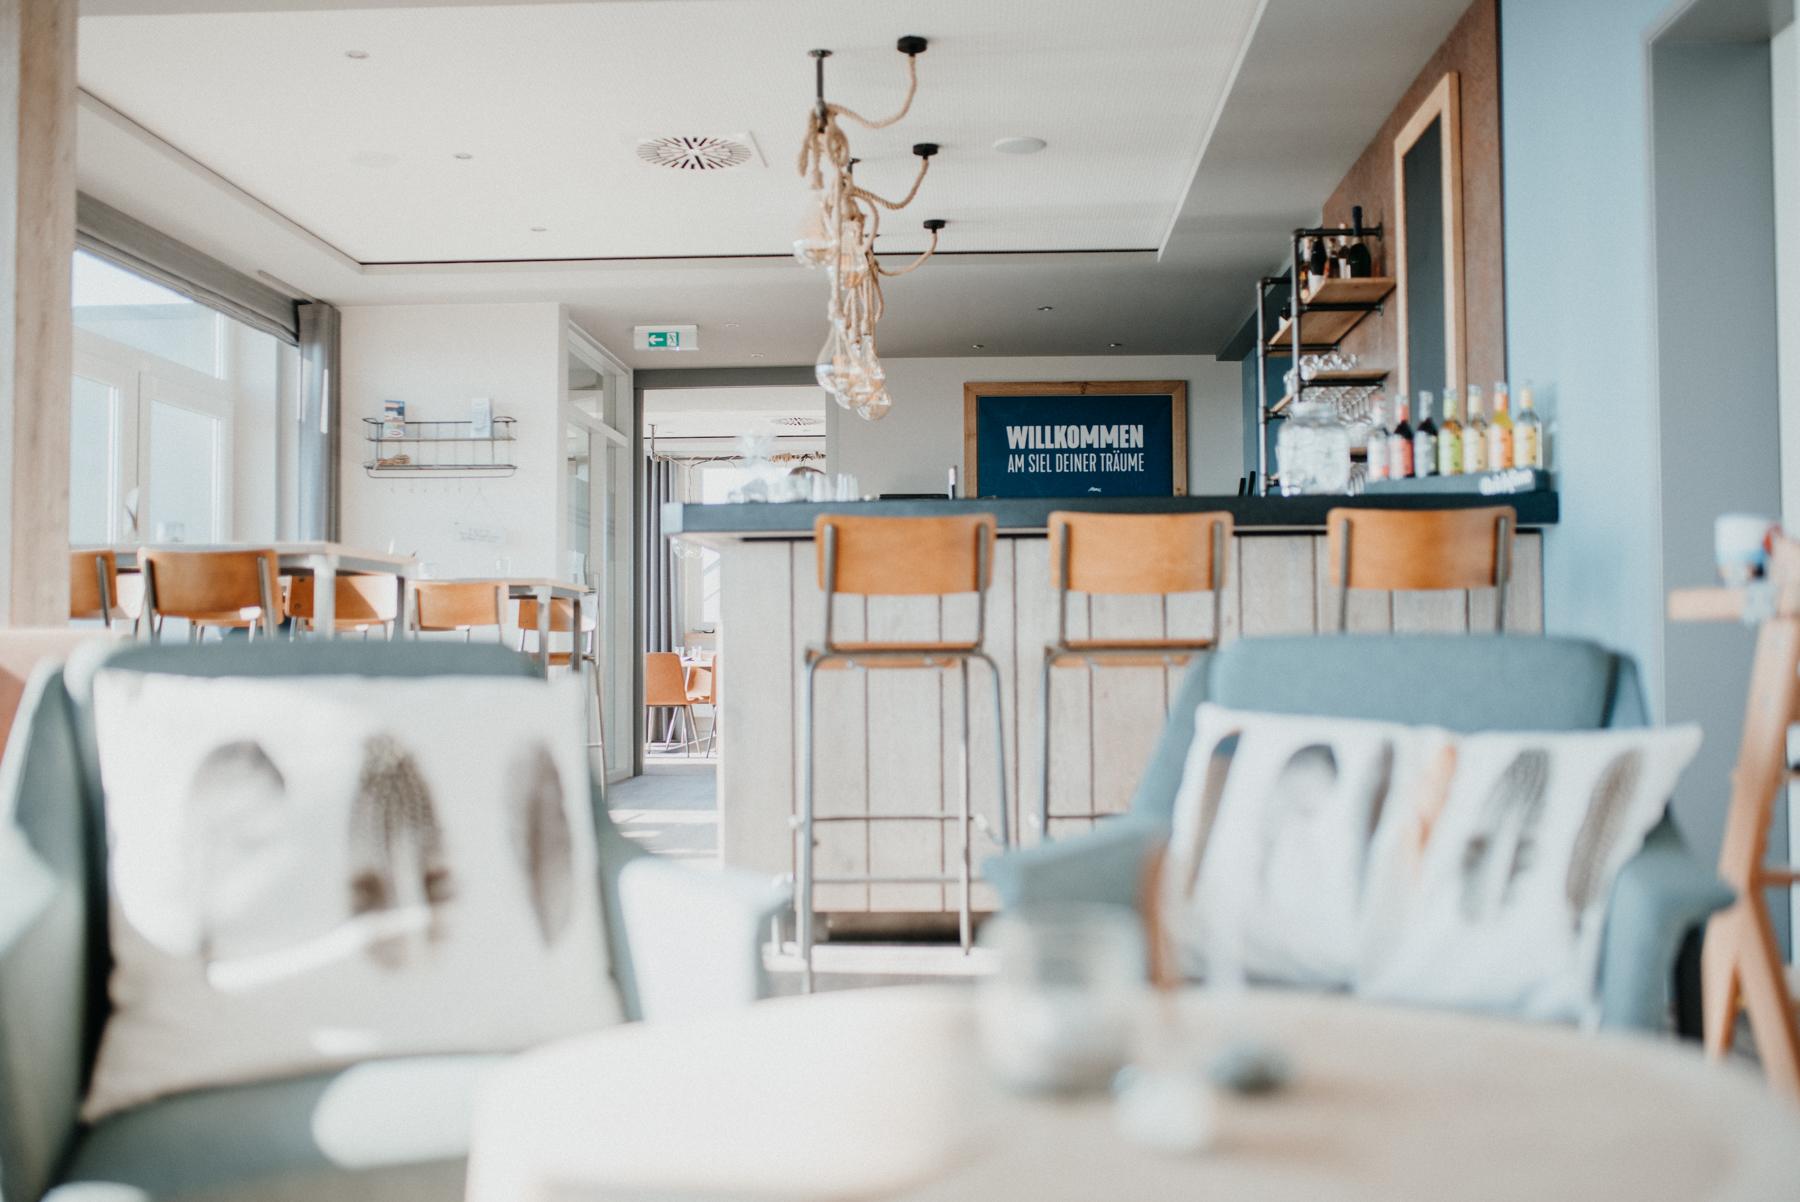 Siel59 - Restaurant